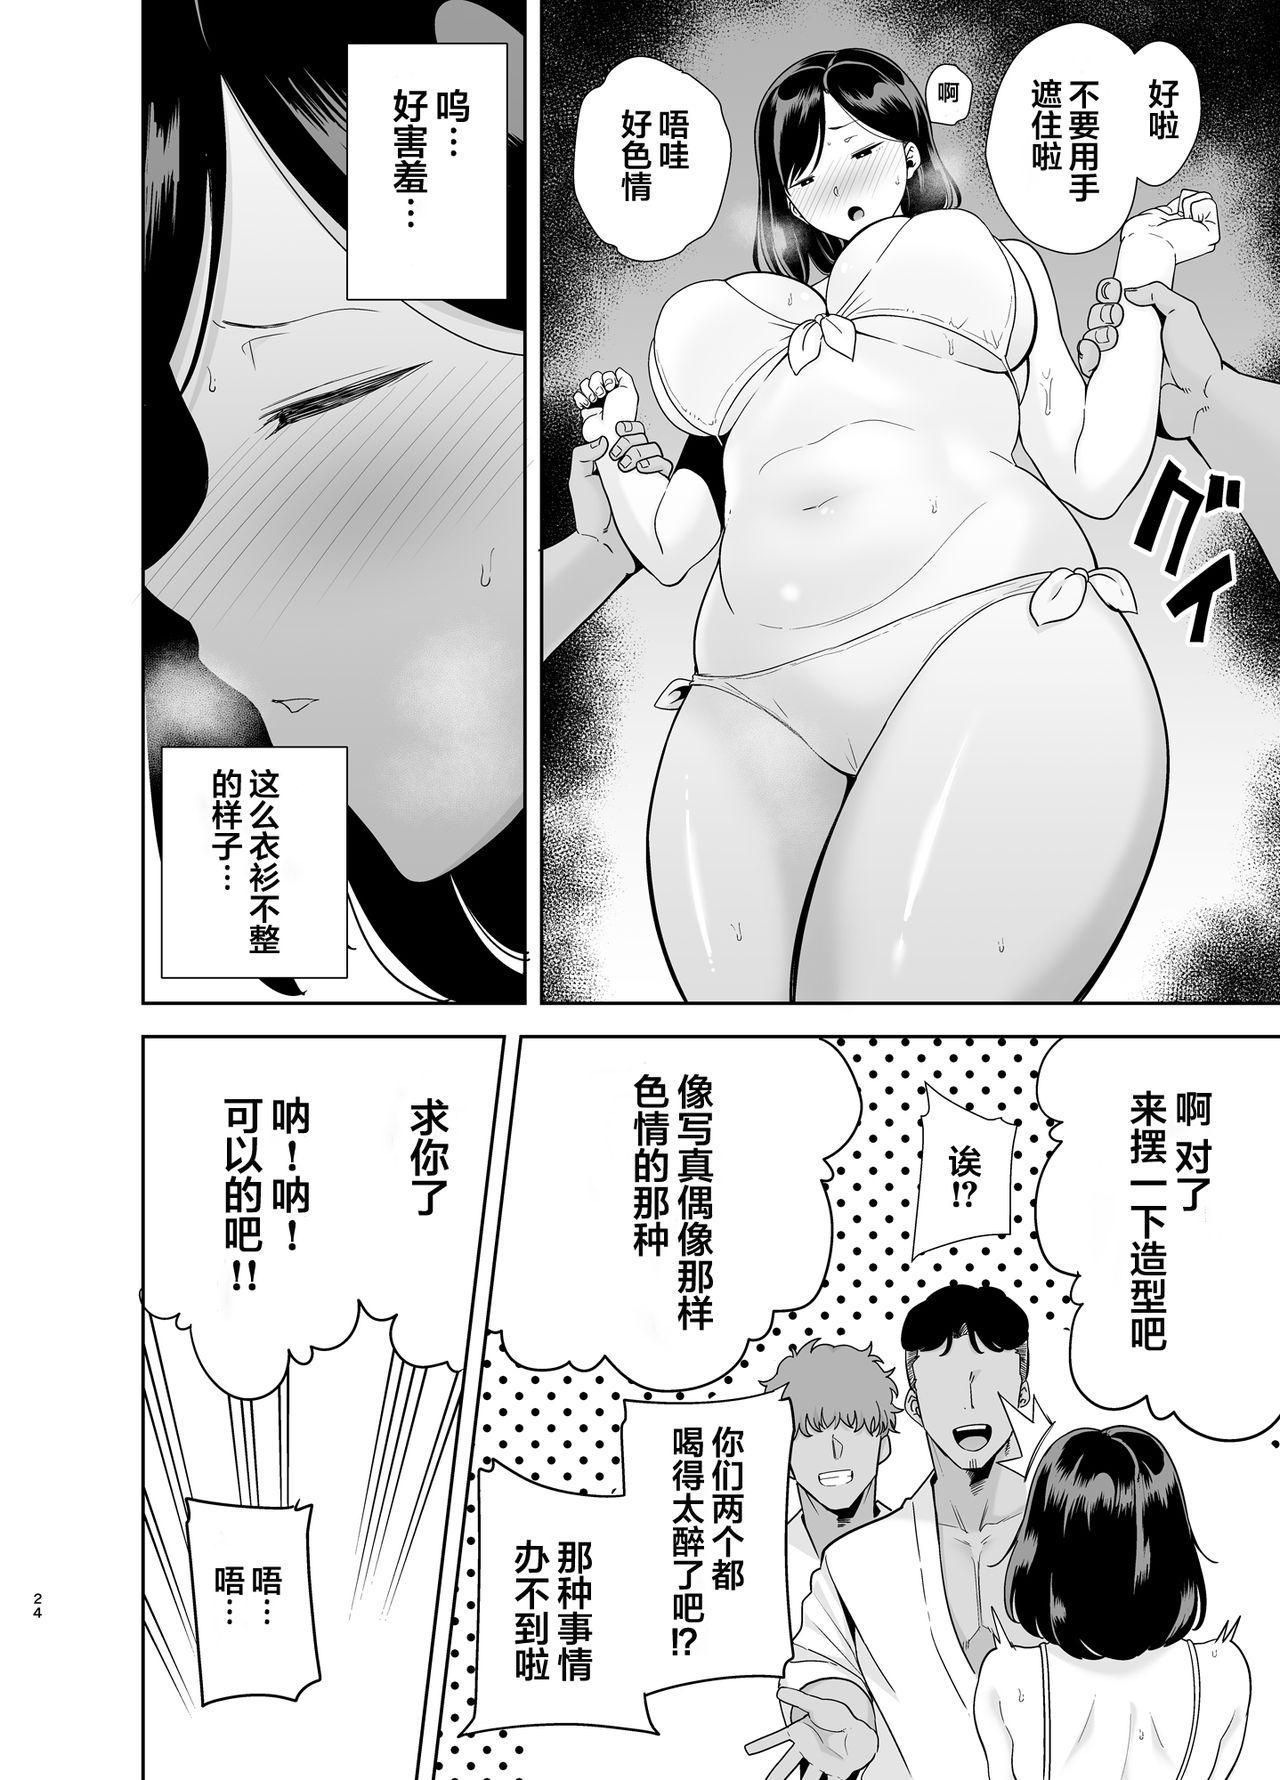 [DOLL PLAY (Kurosu Gatari)] Natsuzuma ~Natsu, Ryokan, Nanpa Otoko-tachi ni Ochita Tsuma~ Megane Nashi [Chinese] [翻车汉化组] 22